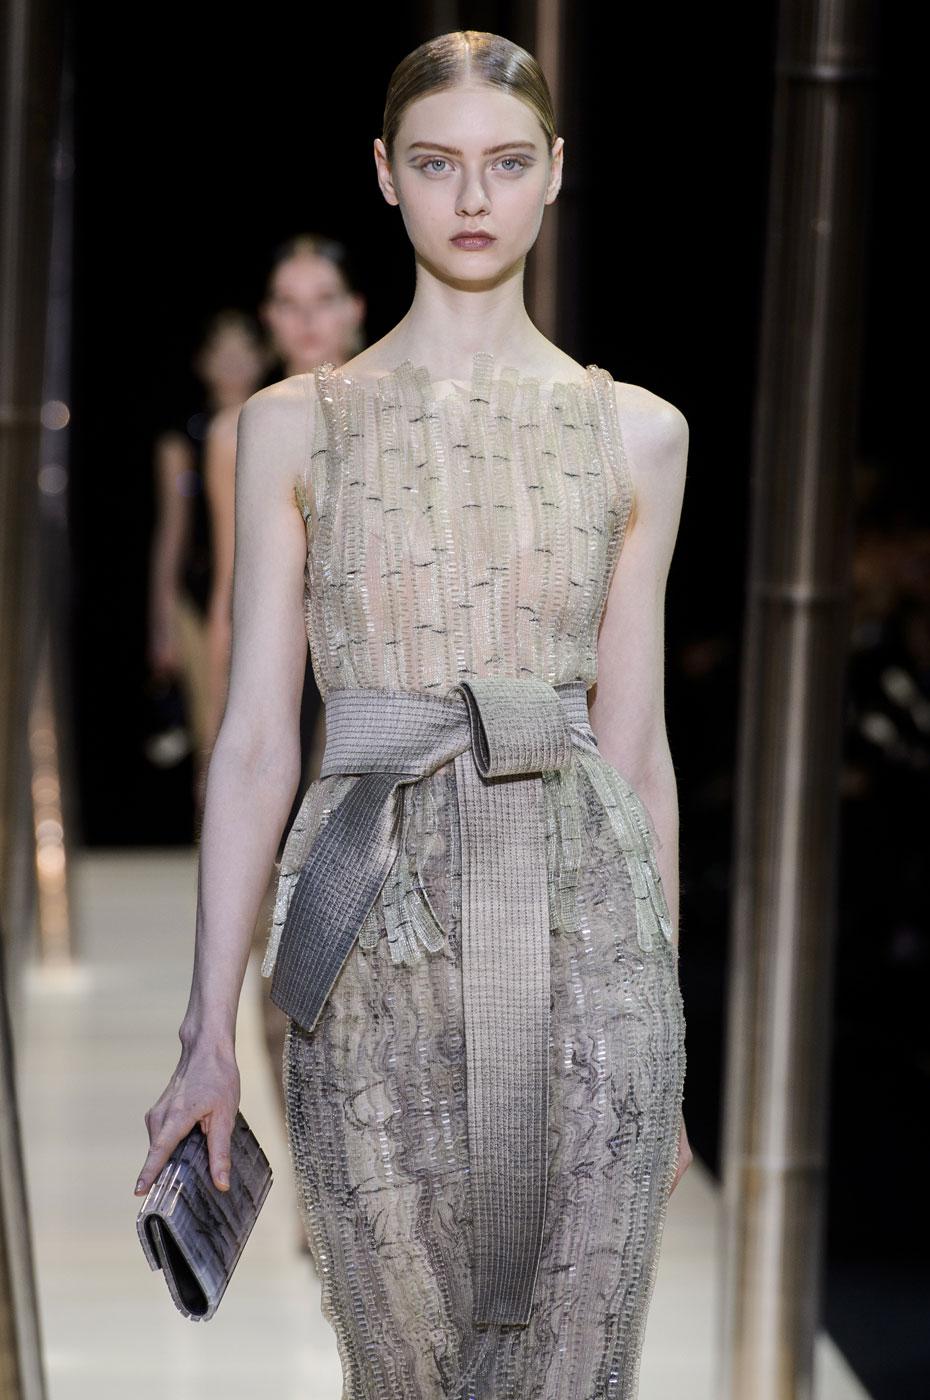 Giorgio-armani-Prive-fashion-runway-show-haute-couture-paris-spring-2015-the-impression-086